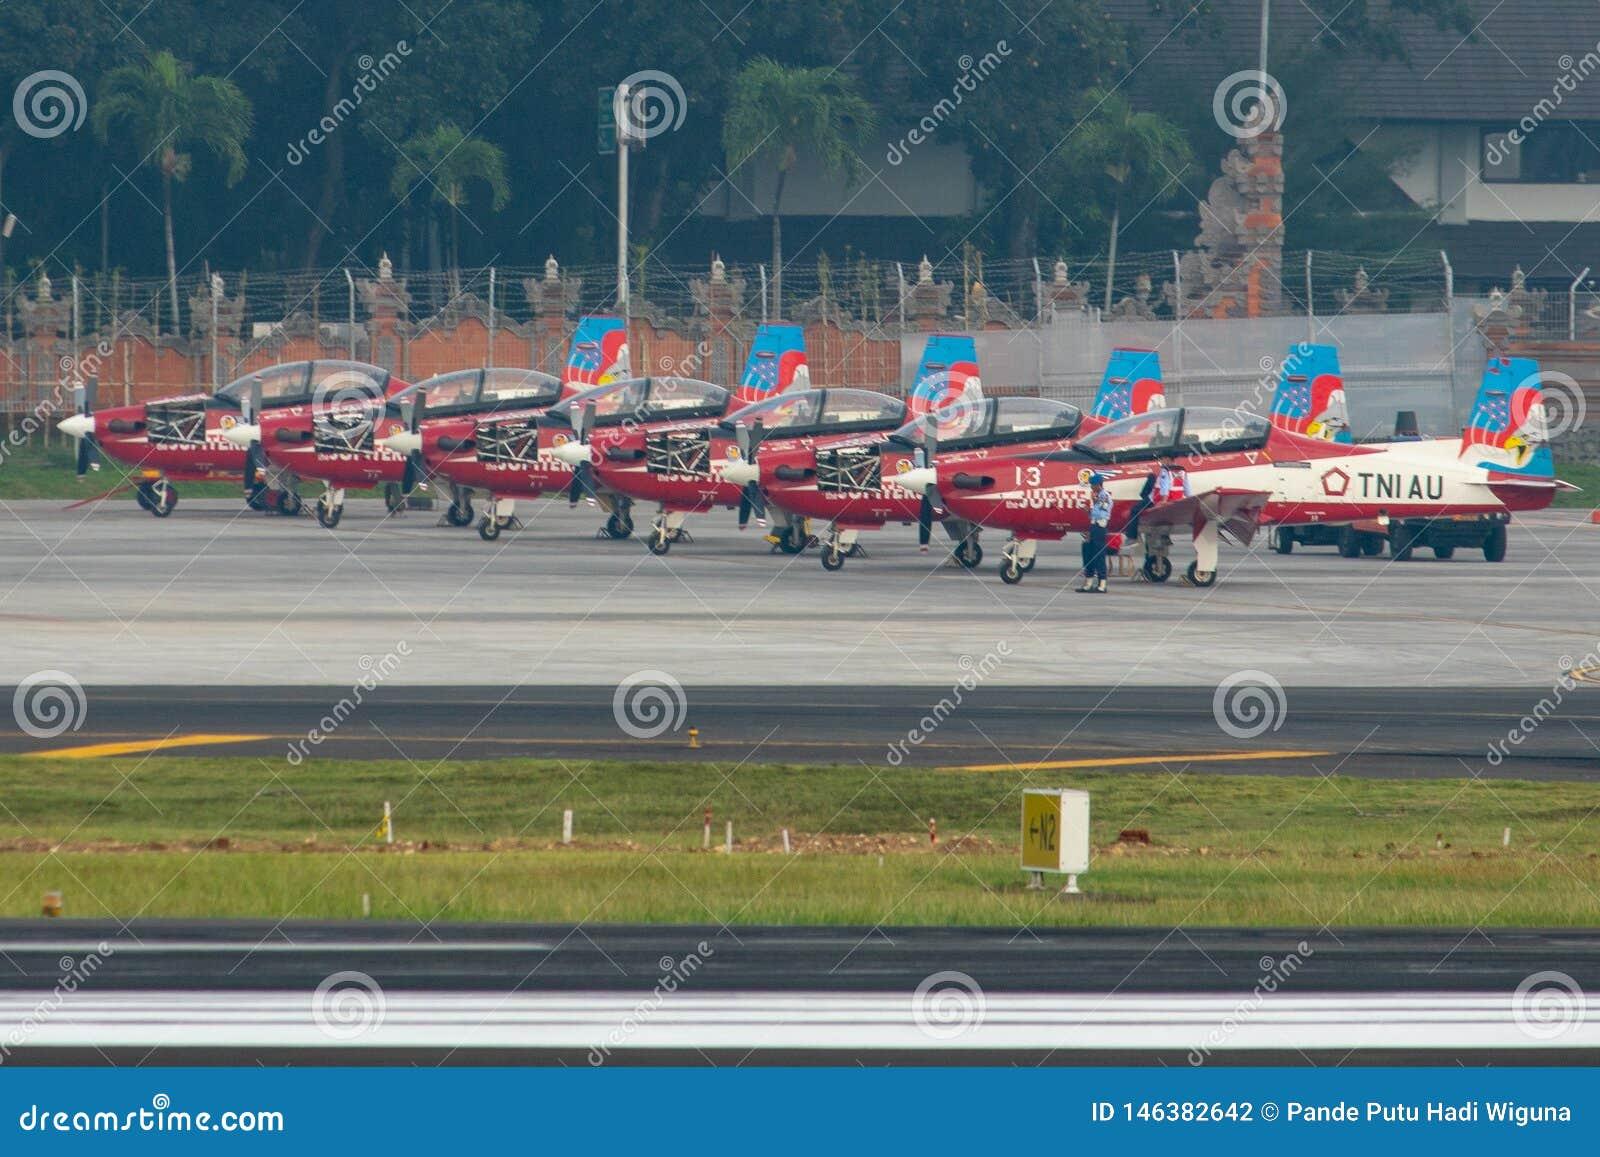 DENPASAR/BALI-APRIL 16 2019: lagflygplan för Jupiter som sju tillhör det indonesiska flygvapnet, parkeras på förklädet av